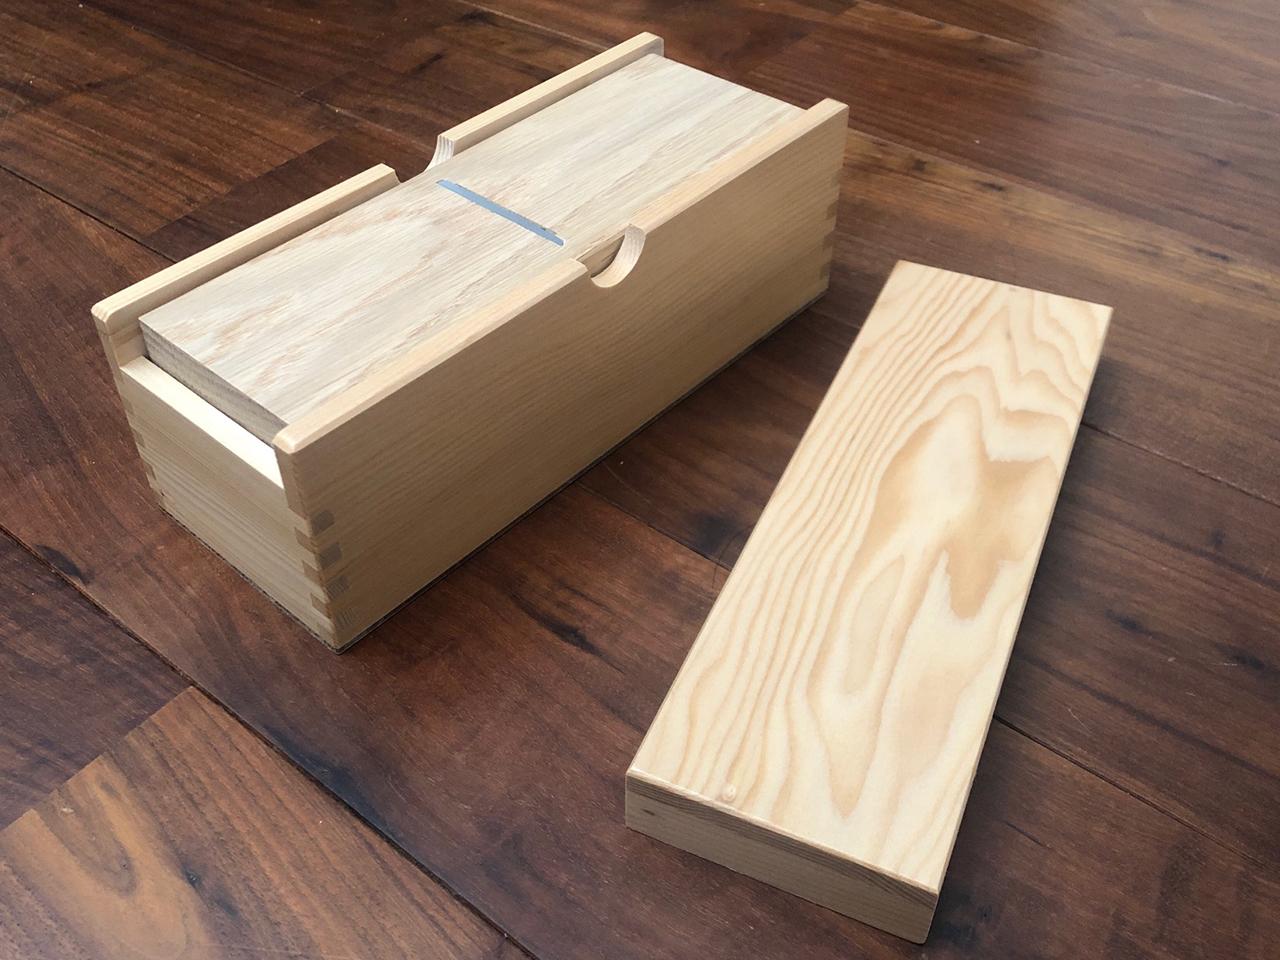 鰹節削り器 「白木鰹箱(引き出し無しタイプ)」 すべり止めシール付(shop限定セット)